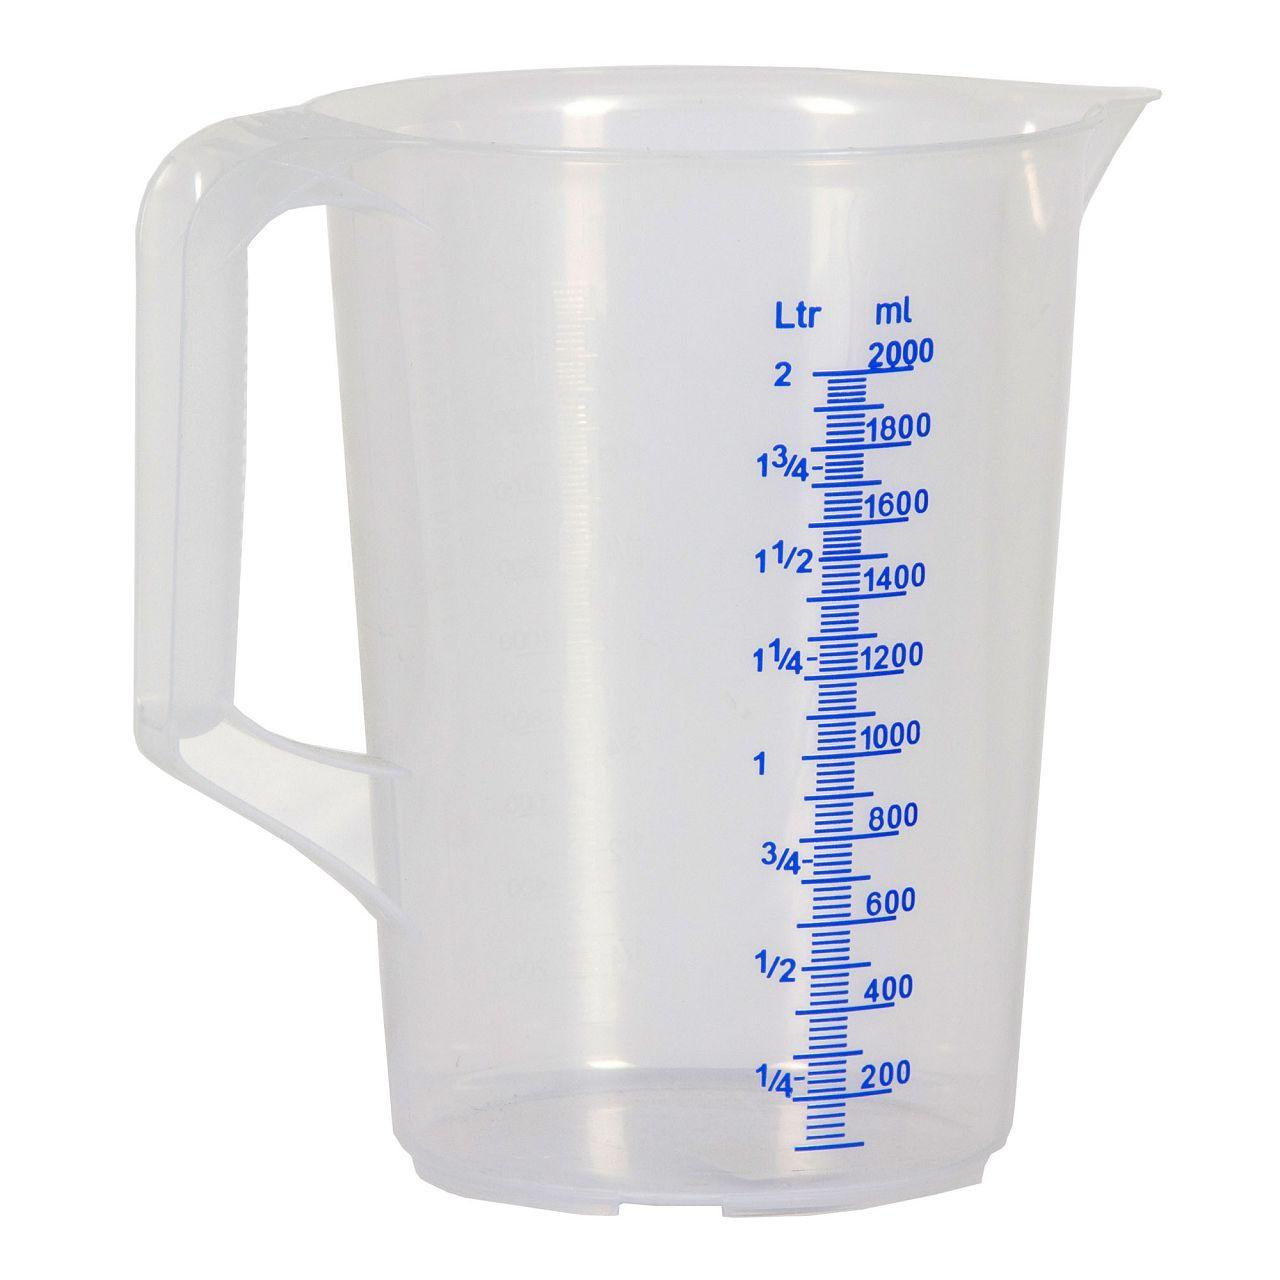 HÜNERSDORFF 937000 Messbecher Messkanne Plastik transparent 2000ml 2L 2 Liter